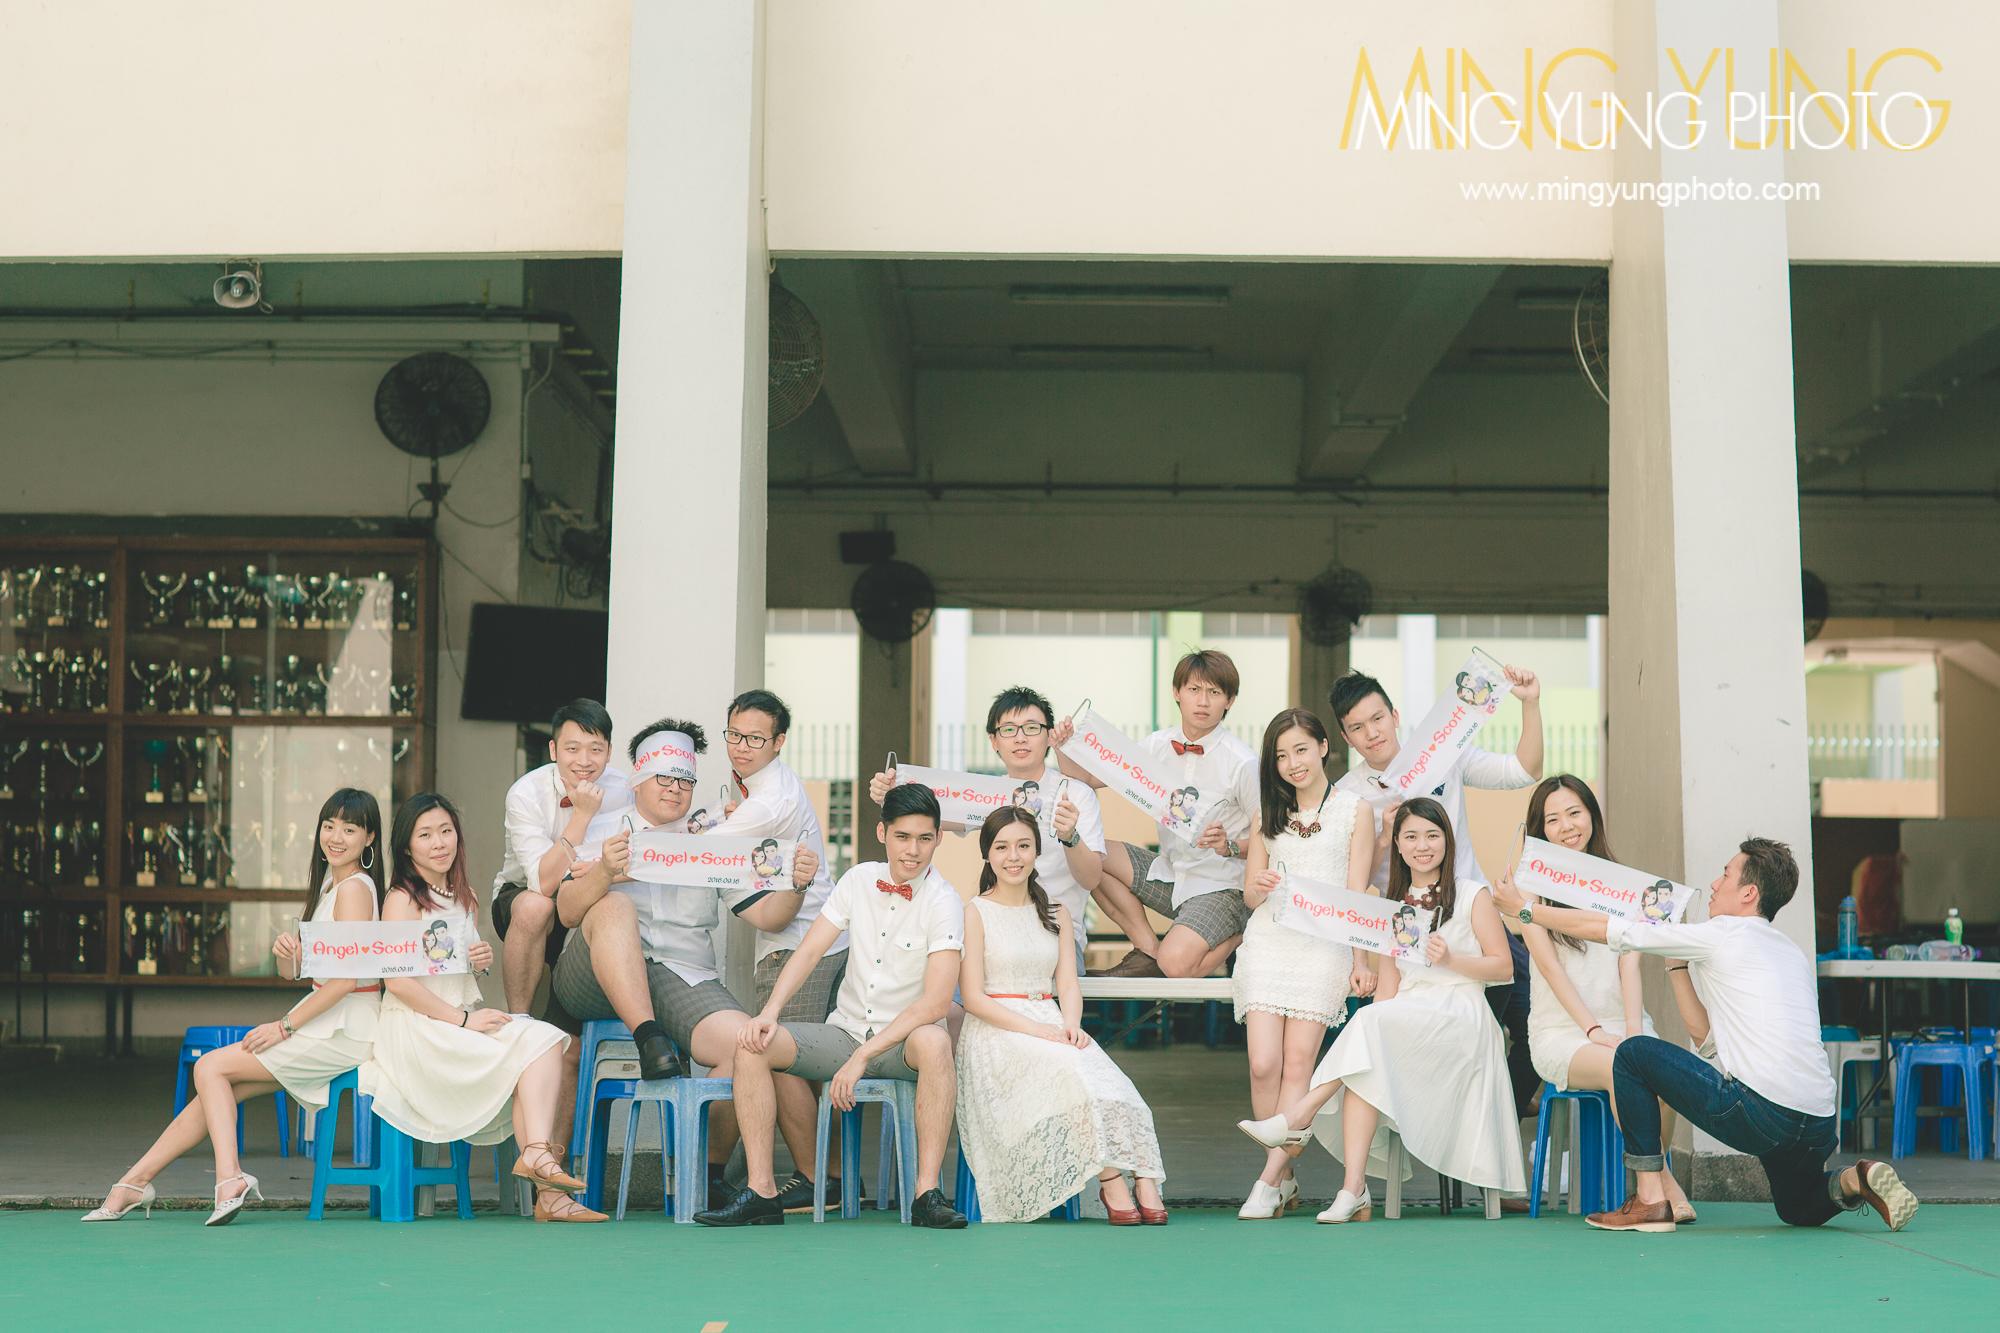 mingyungphoto-20160507-0010